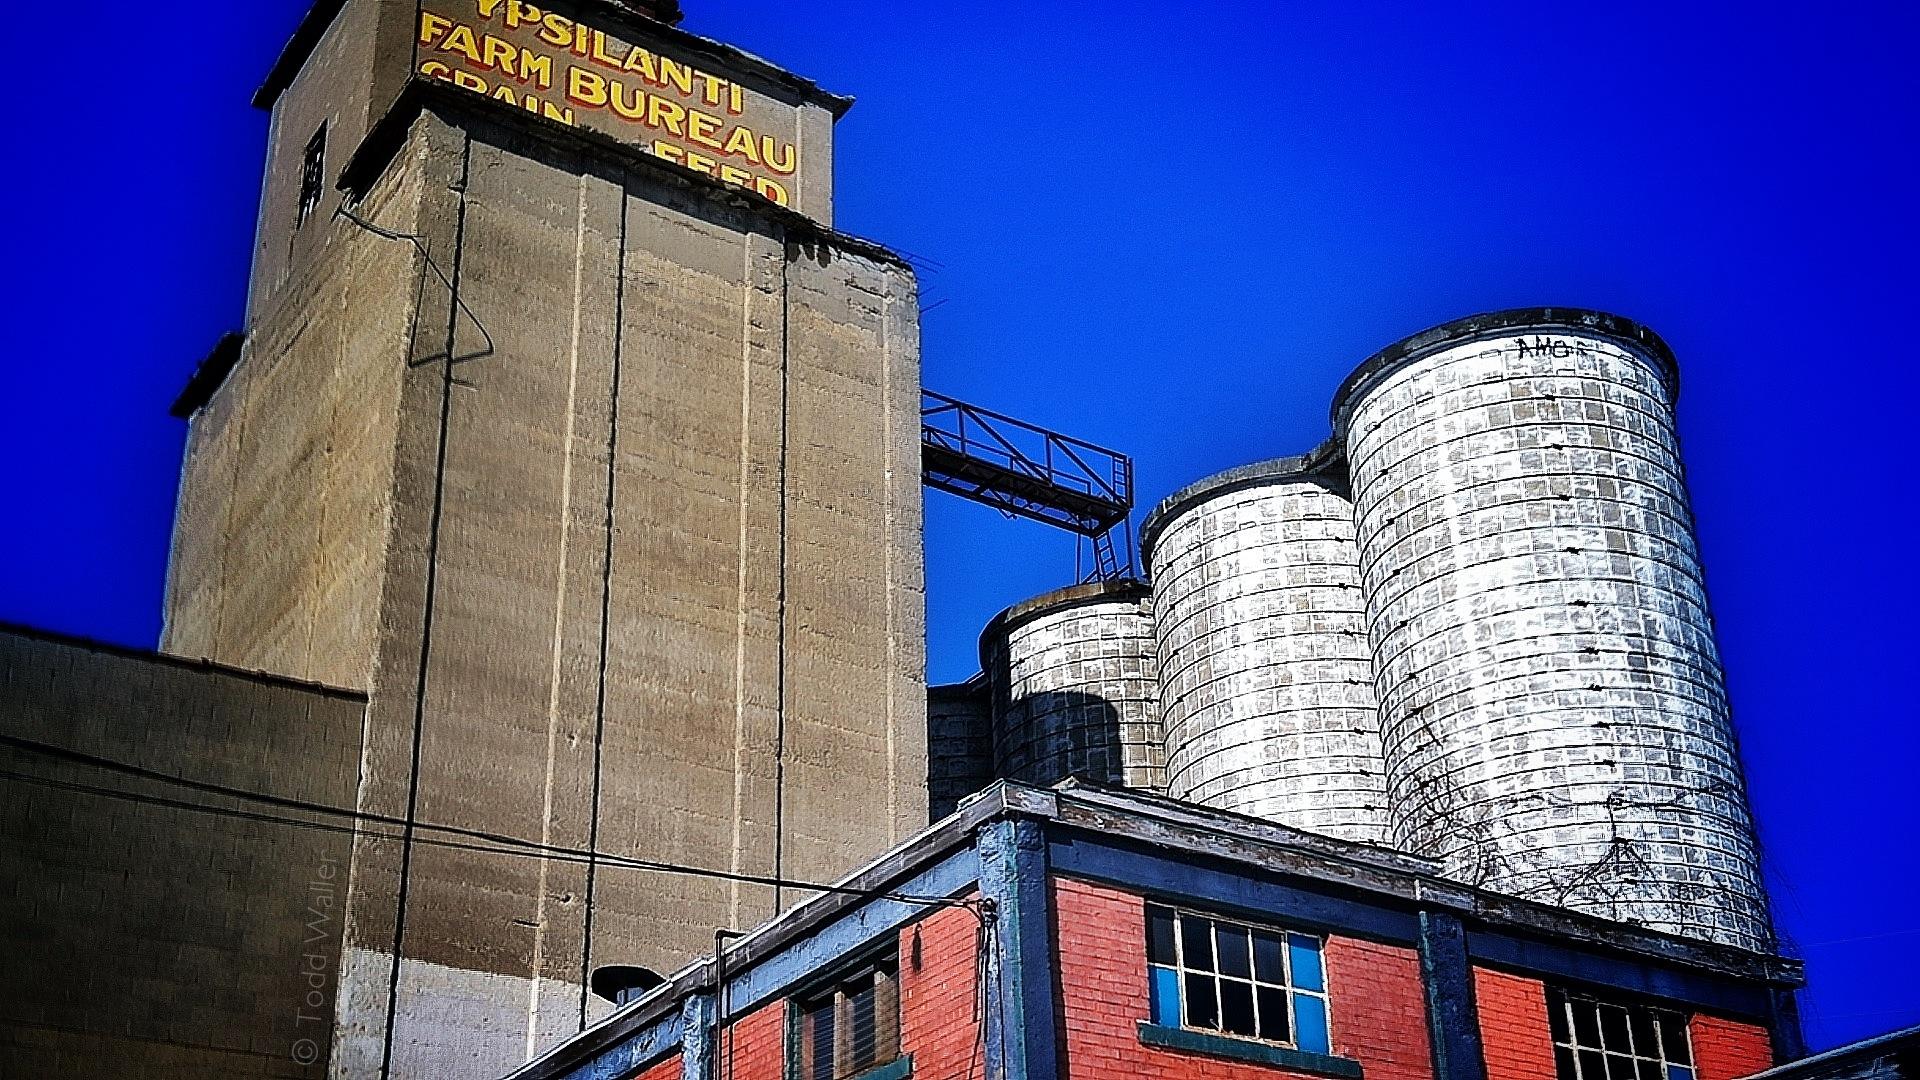 Ypsilanti Farm Bureau